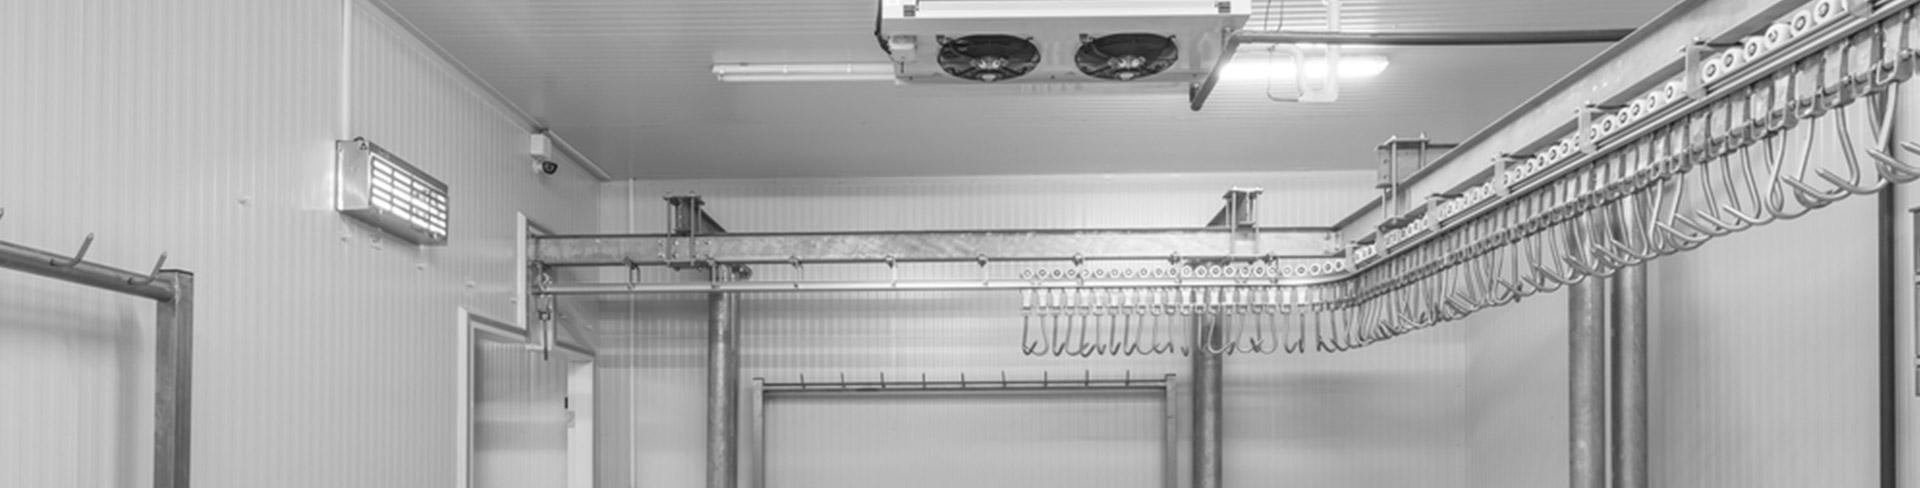 tressecostruzioni-settori-impianto-frigo-header